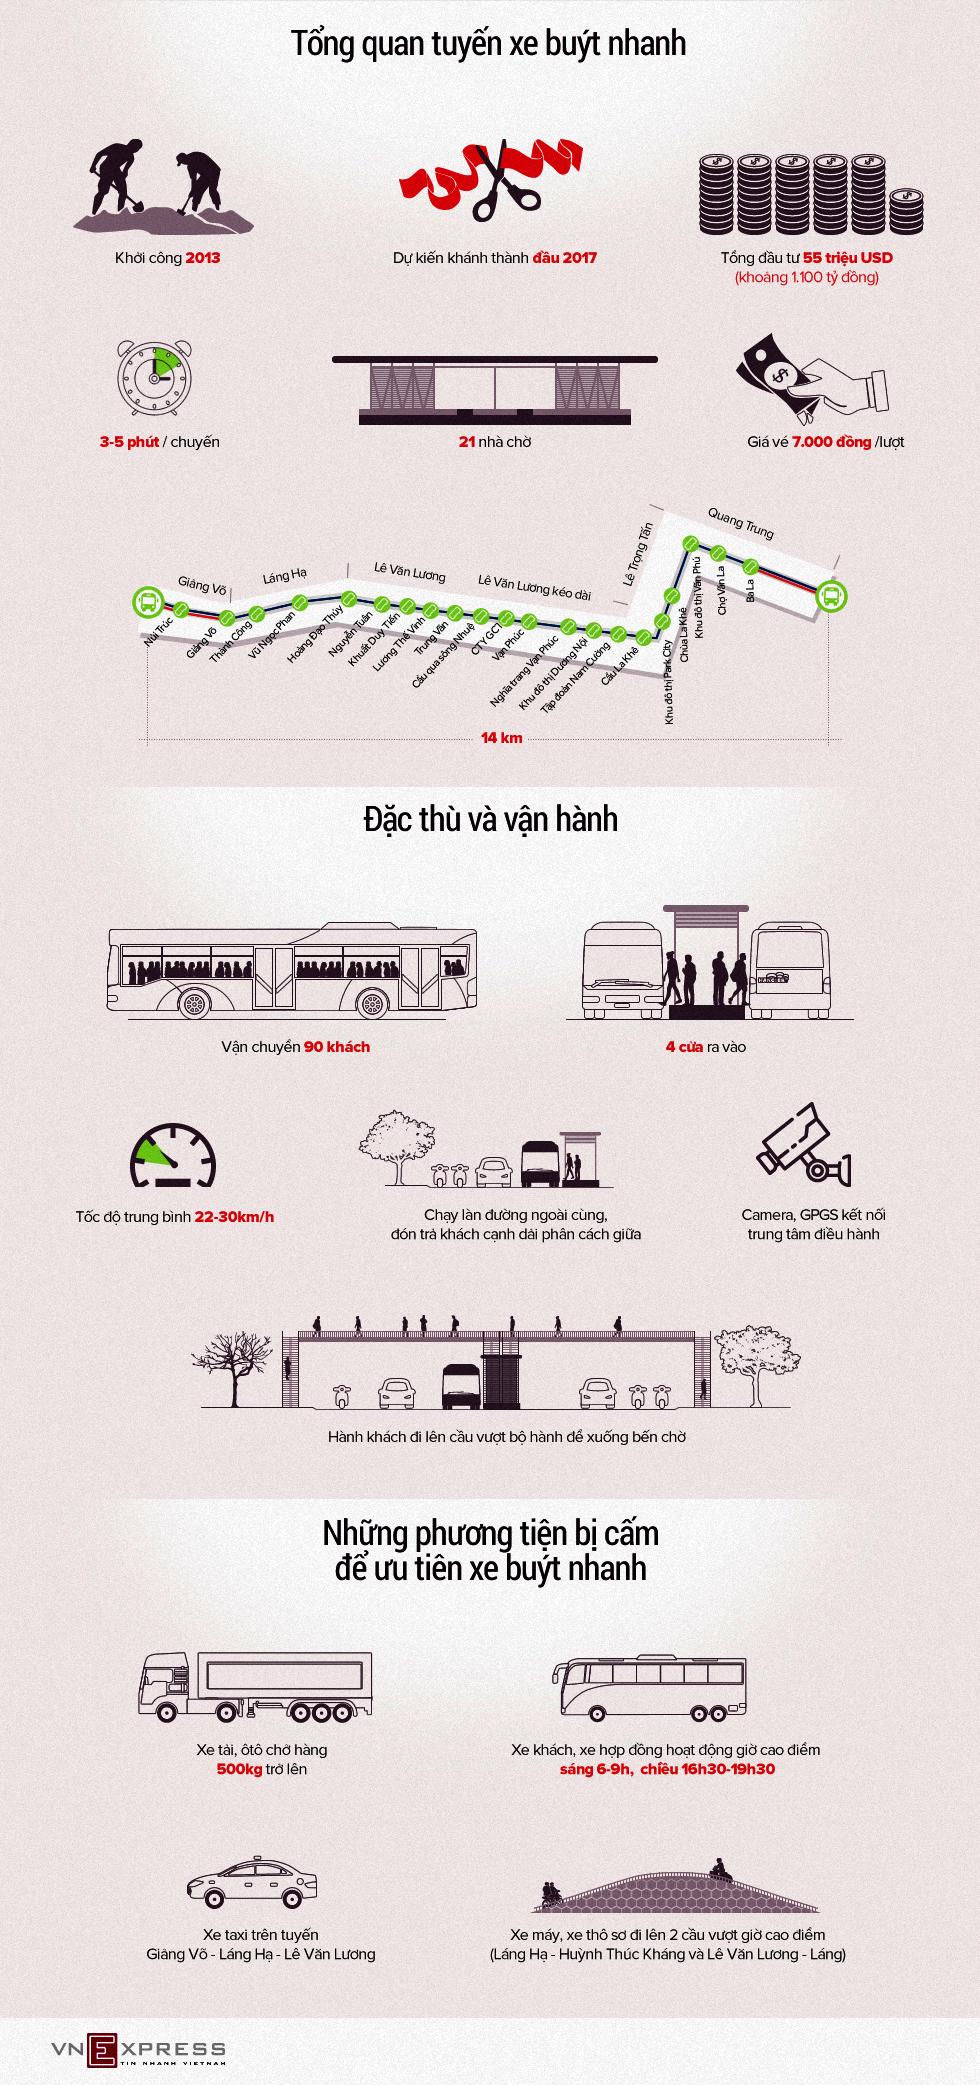 Xe buýt nhanh ở Hà Nội vận hành thế nào